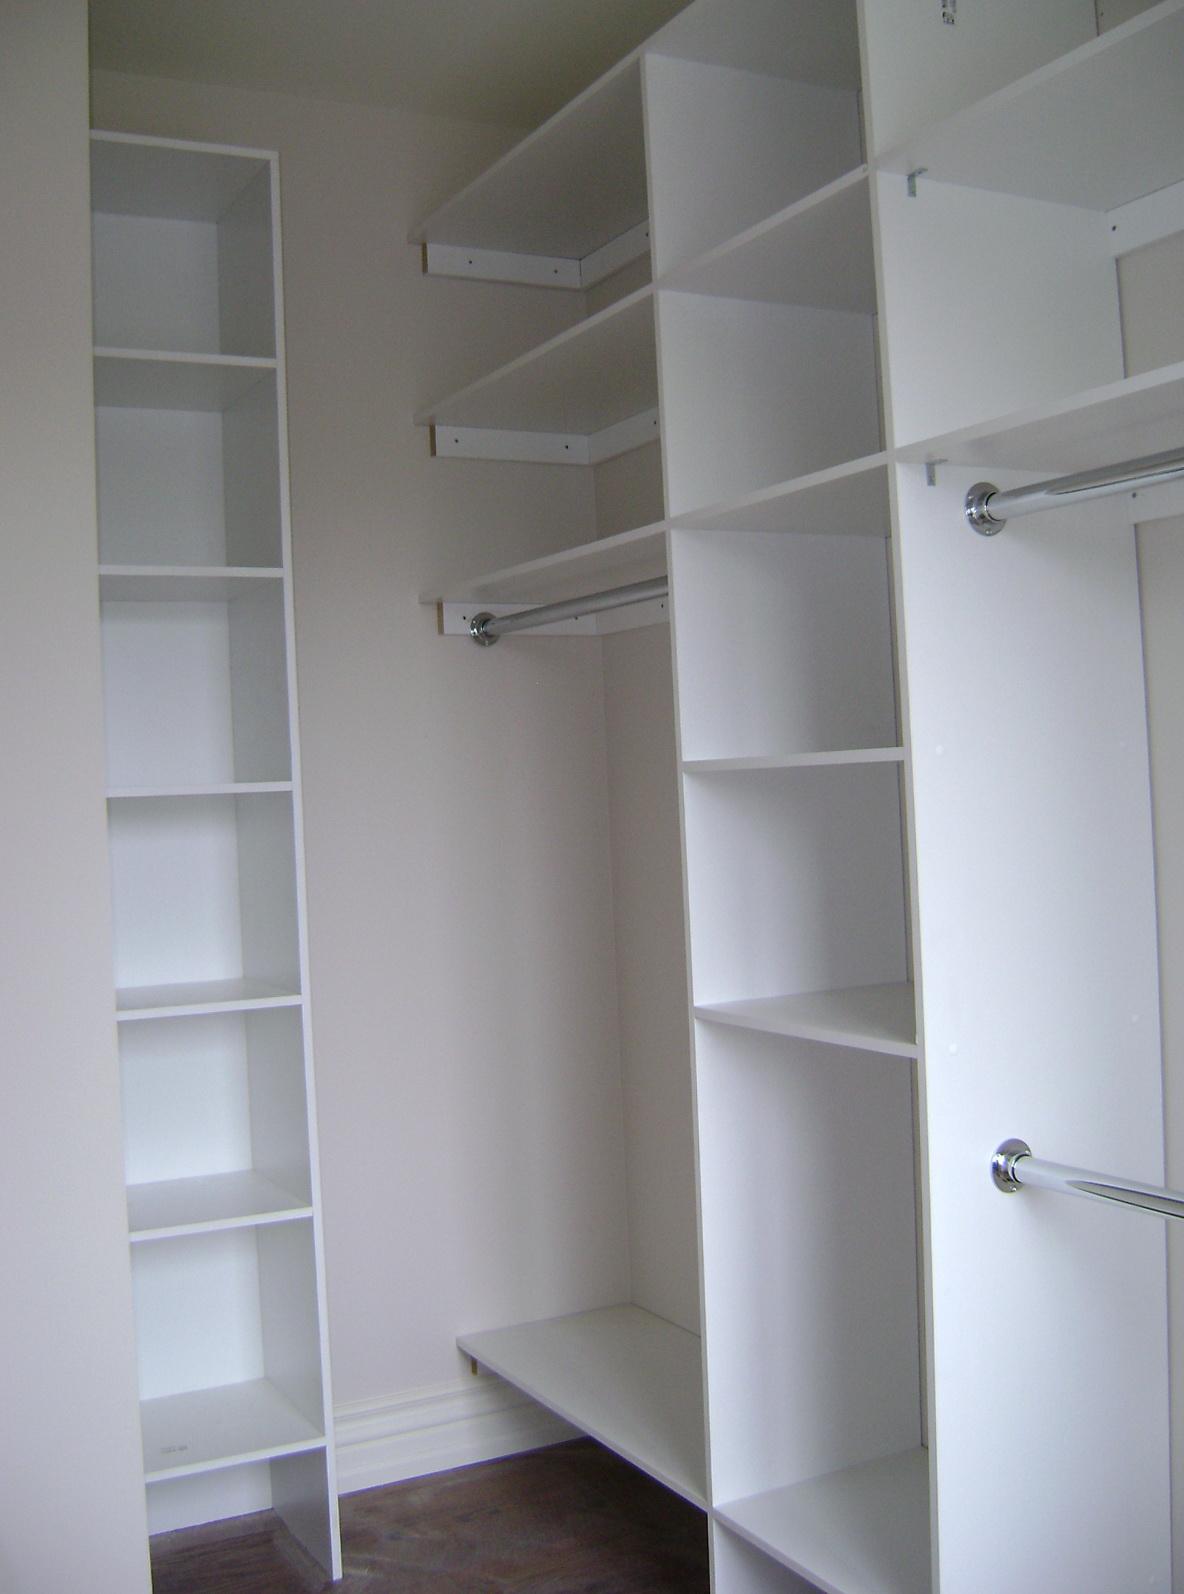 Make Your Own Closet System  Home Design Ideas